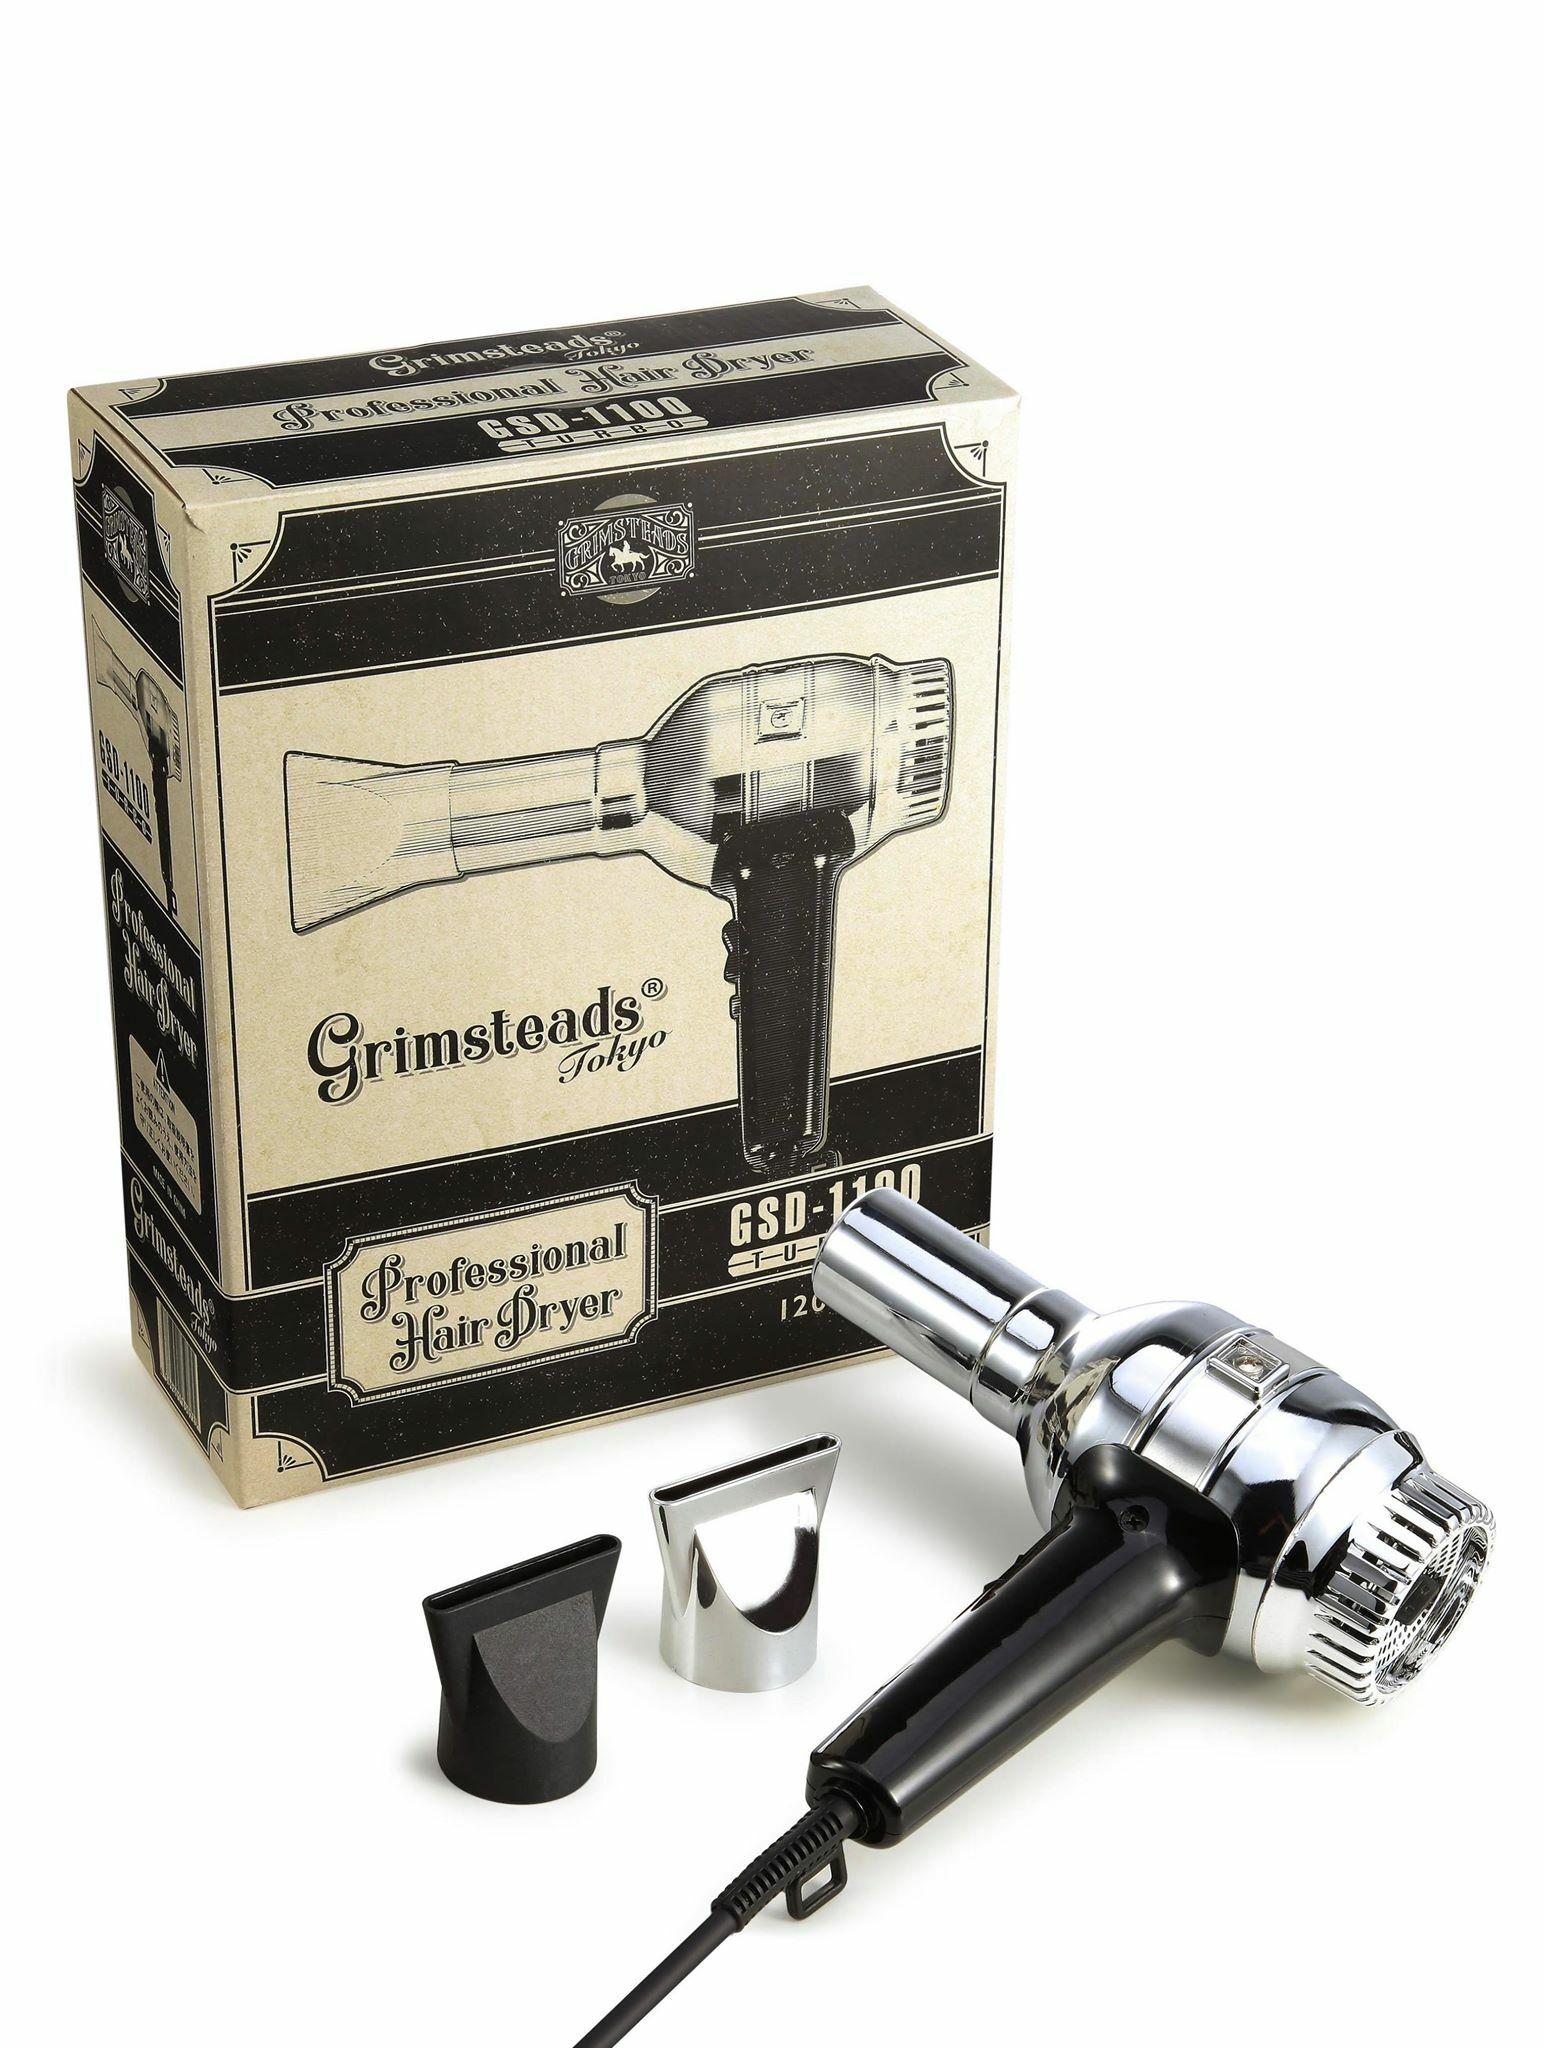 Grimsteads プロフェッショナル ヘアドライヤー GSD-1100